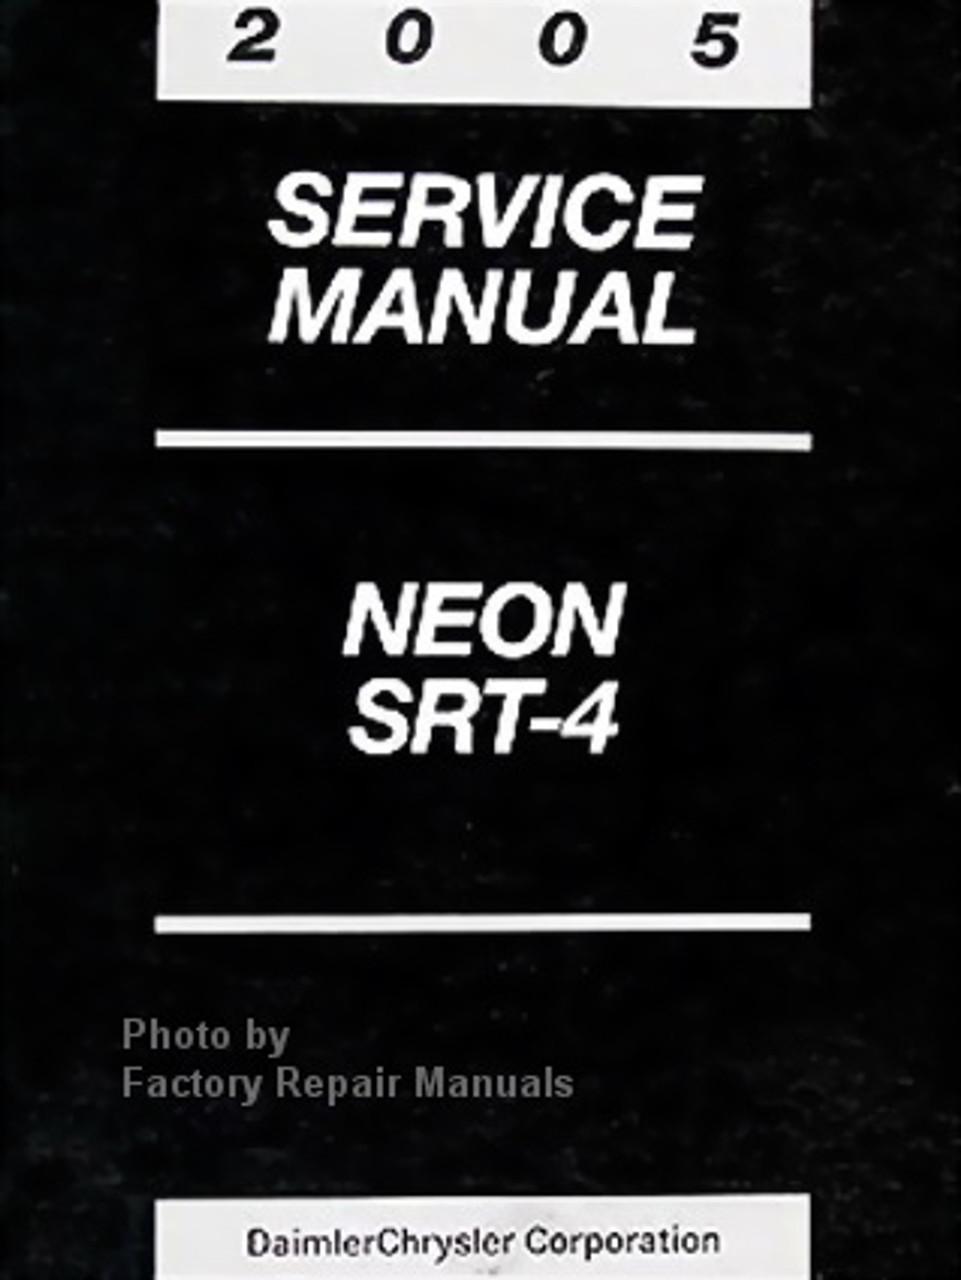 2005 Dodge Neon Factory Service Manual Original Shop Repair Factory Repair Manuals